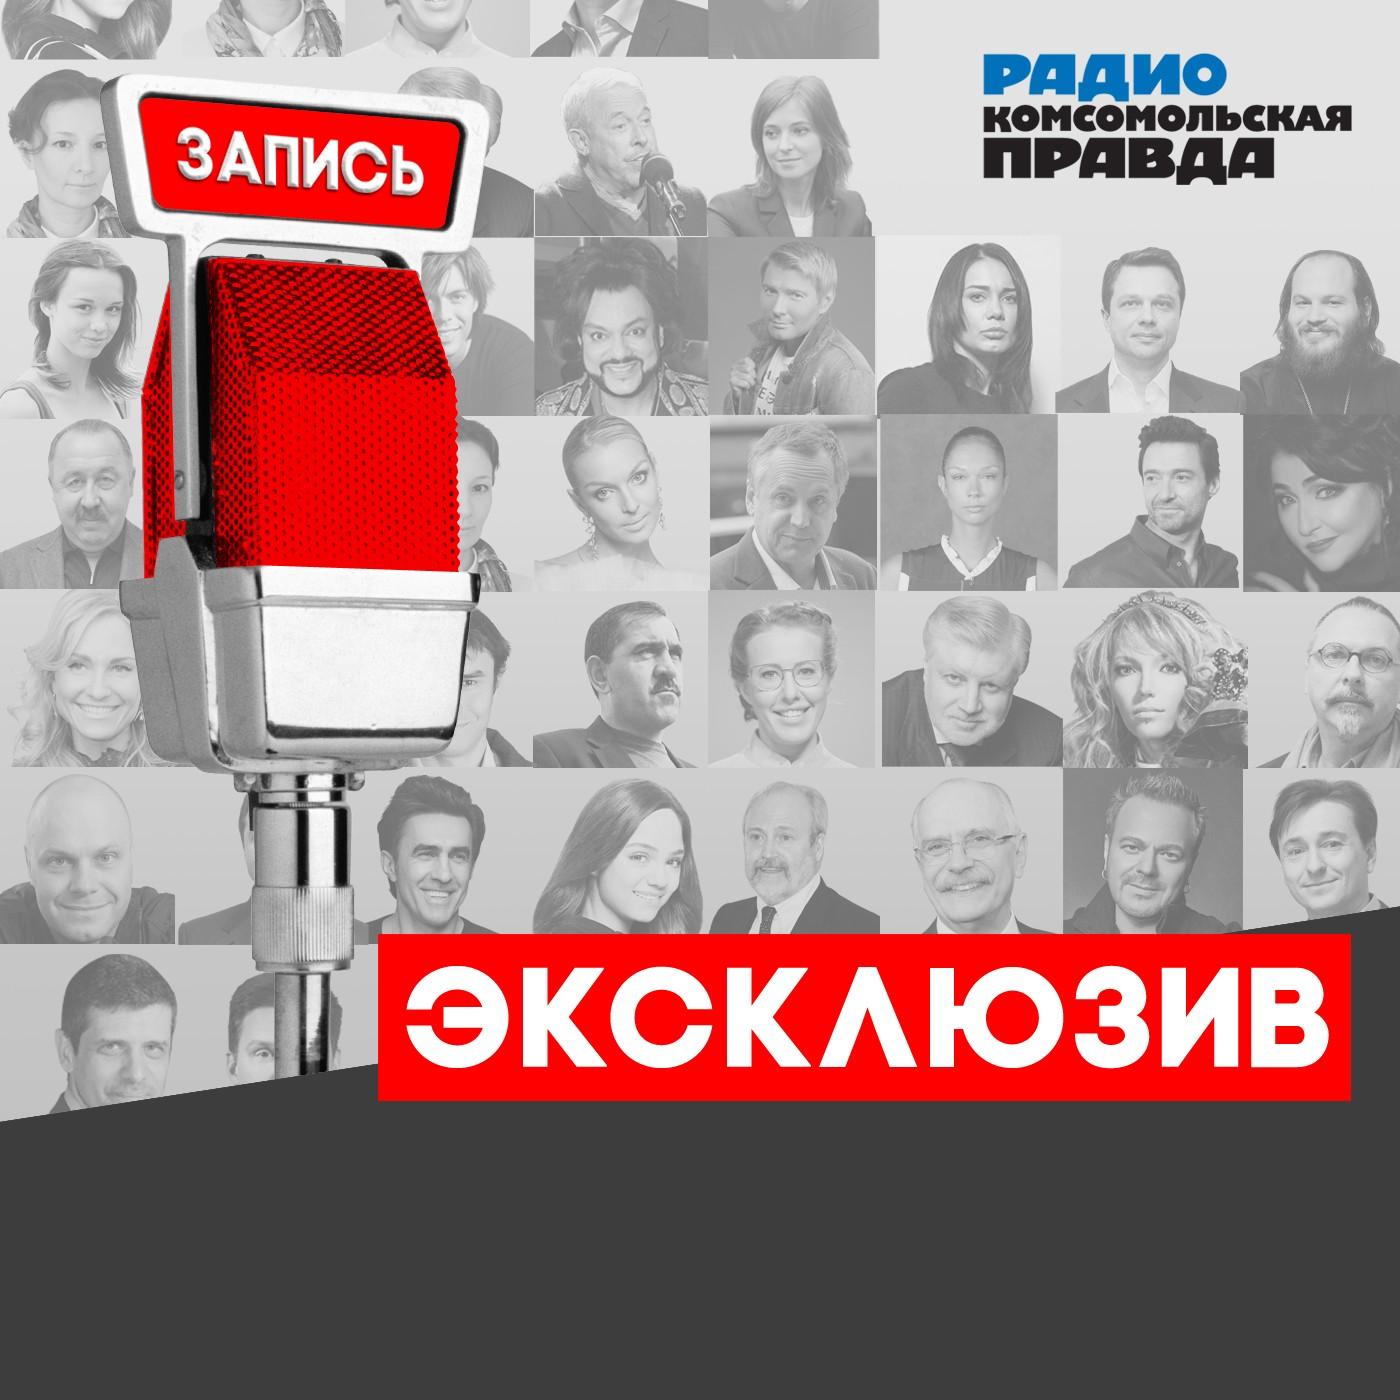 Радио «Комсомольская правда» Диана Арбенина: Встаю каждый день в 6 часов утра. А ложусь в полвторого. И чувствую себя офигенно! диана арбенина бег